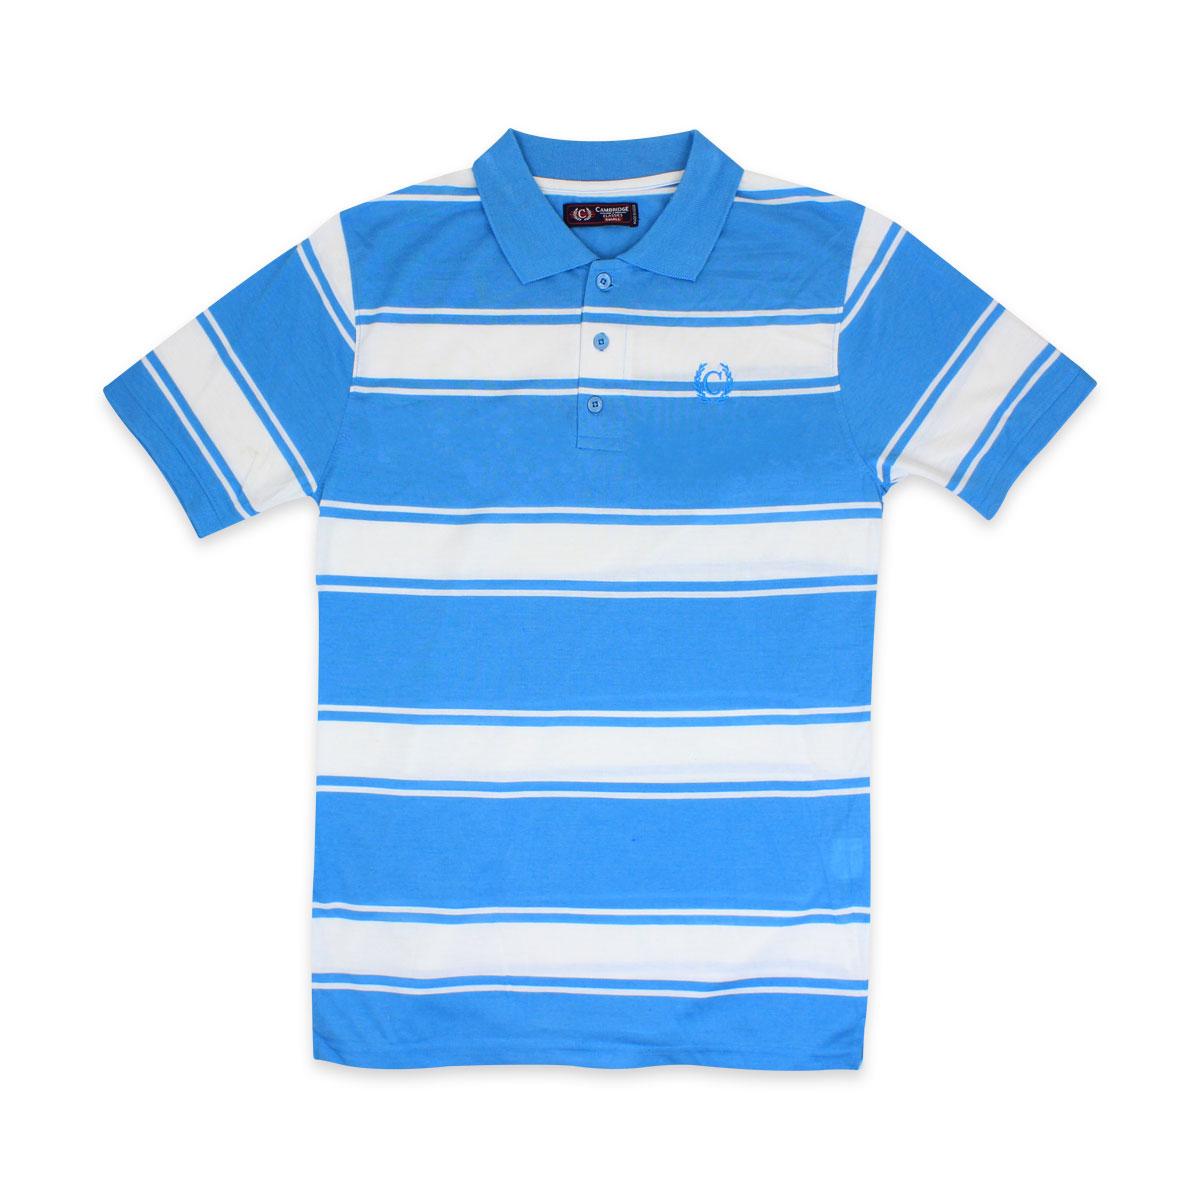 Camisas-Polo-Para-Hombre-A-Rayas-Pique-Con-Cuello-camiseta-Camiseta-Manga-Corta-De-Verano-S-M-L-XL miniatura 25